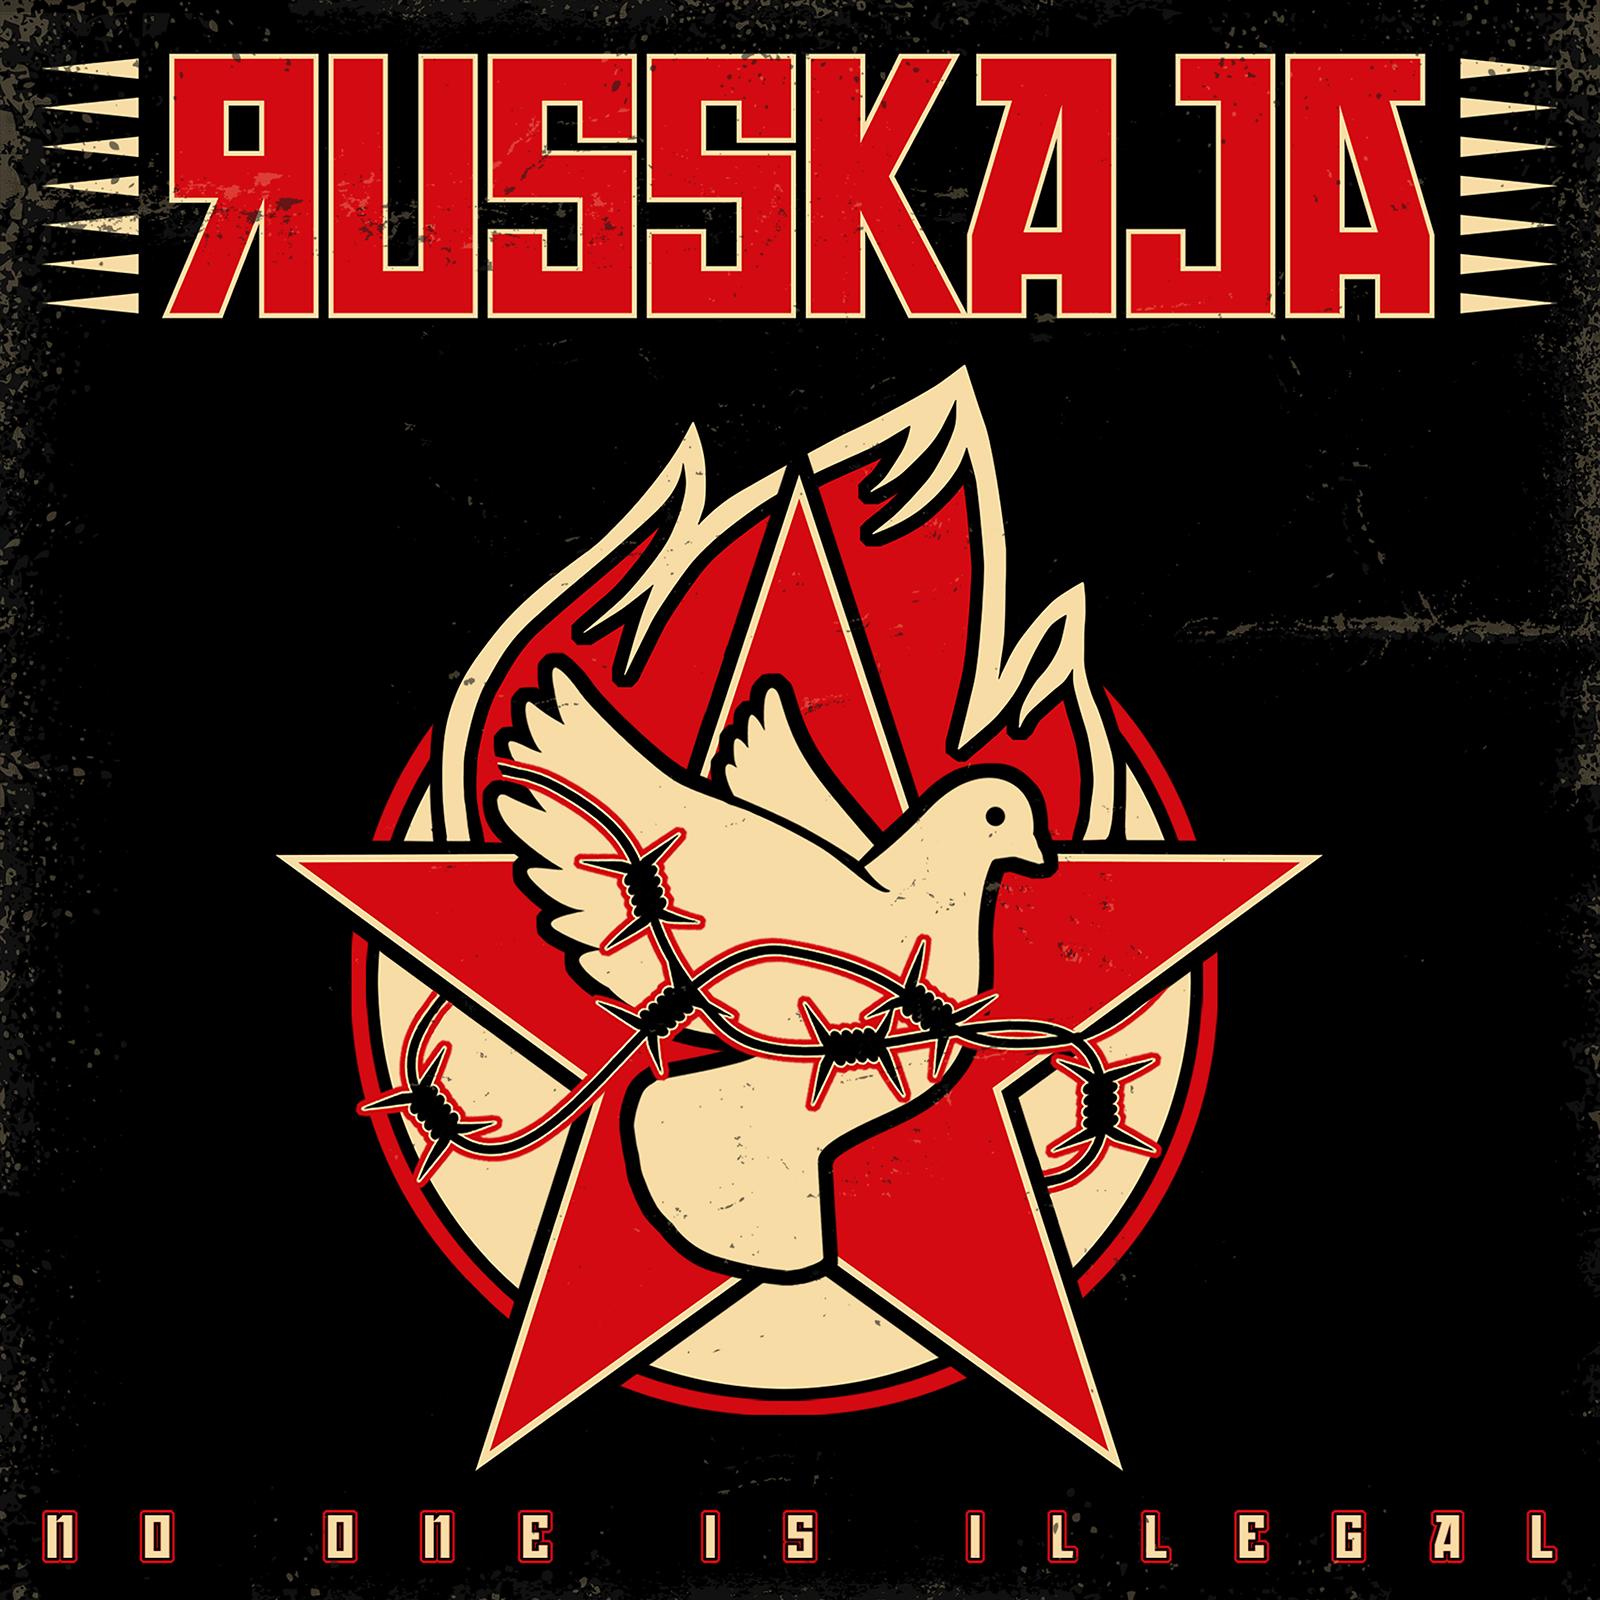 russkaja-no-one-is-illegal-macht-einfach-spass-im-ohr-album-review